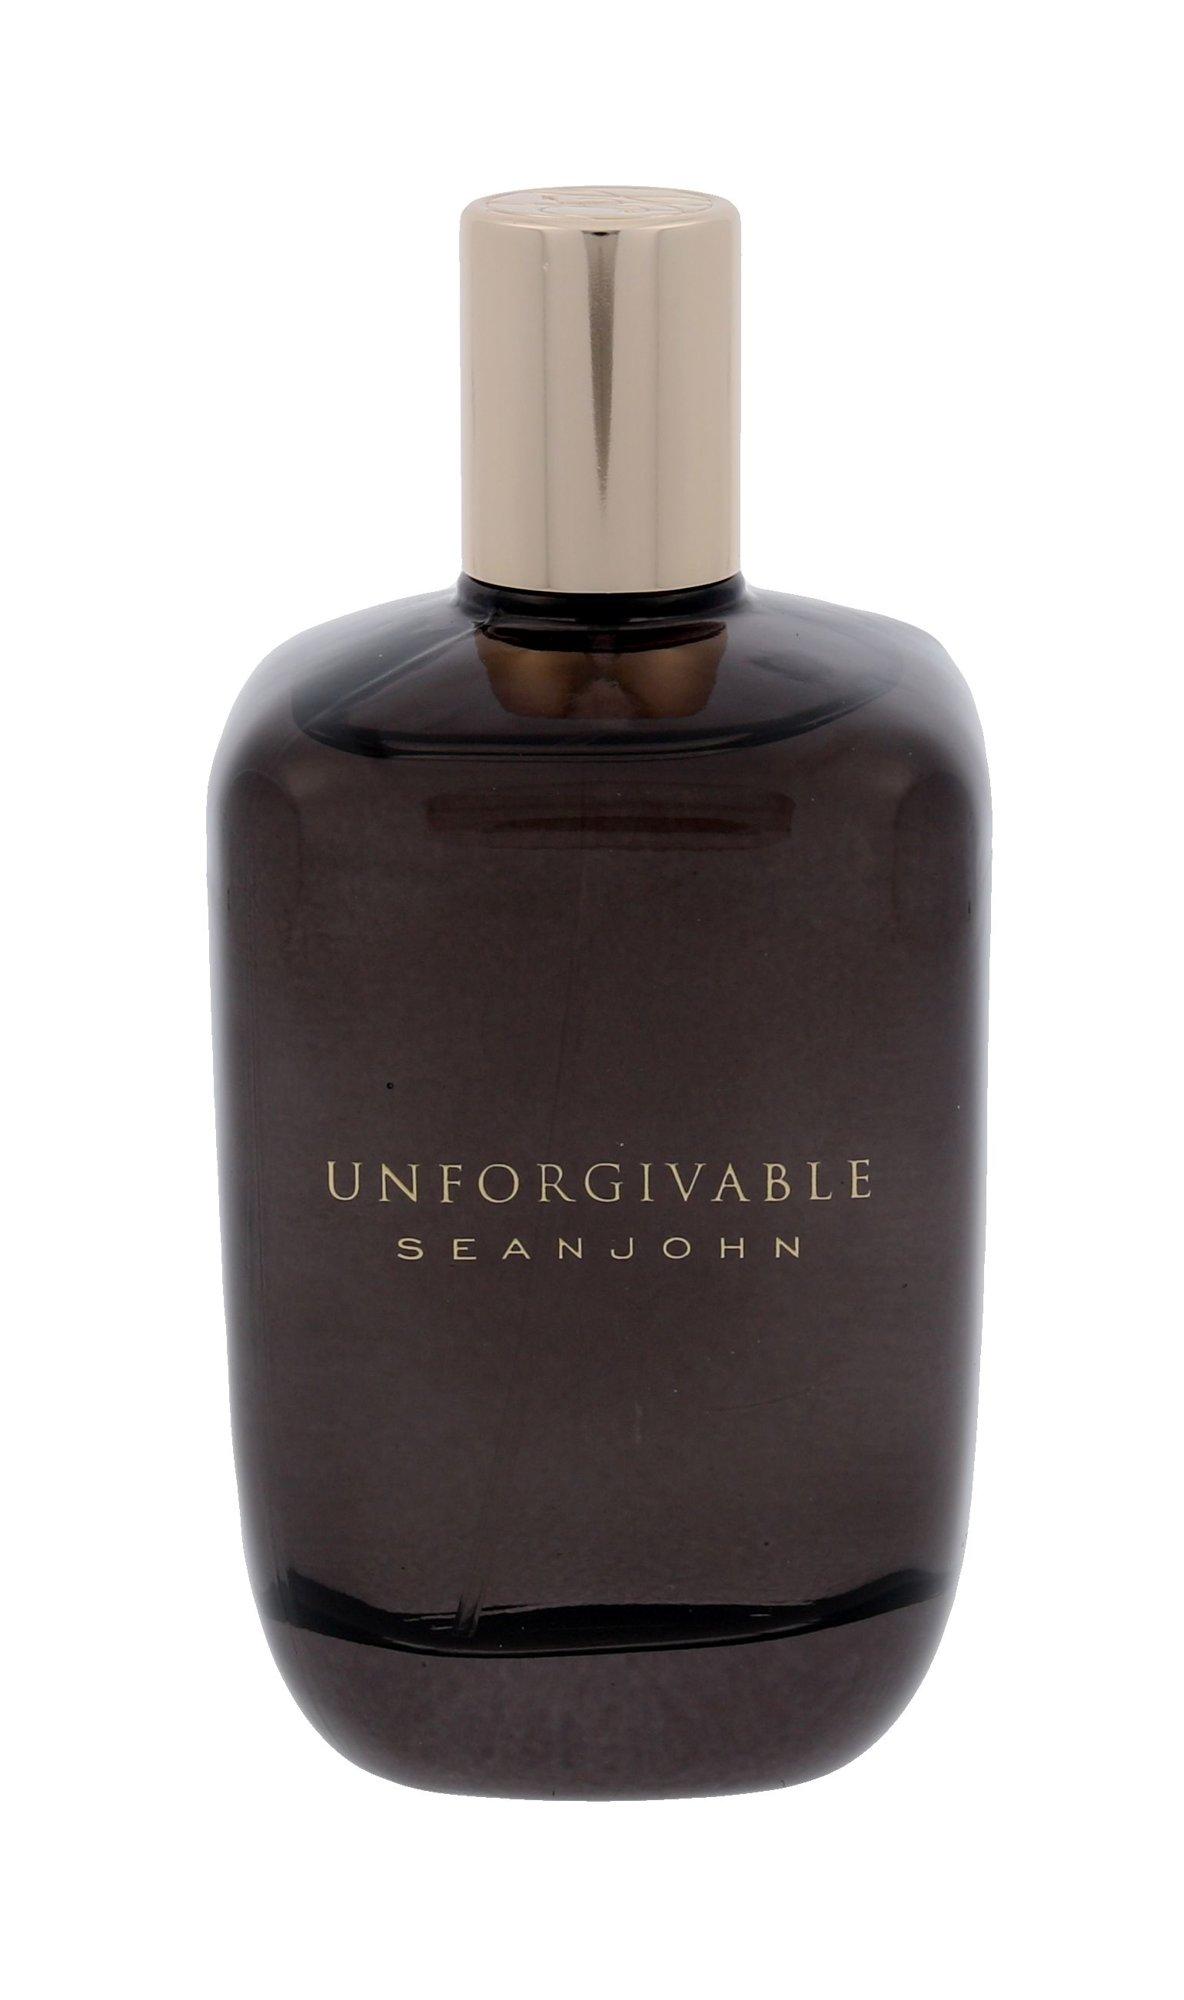 Sean John Unforgivable, Toaletná voda 125ml